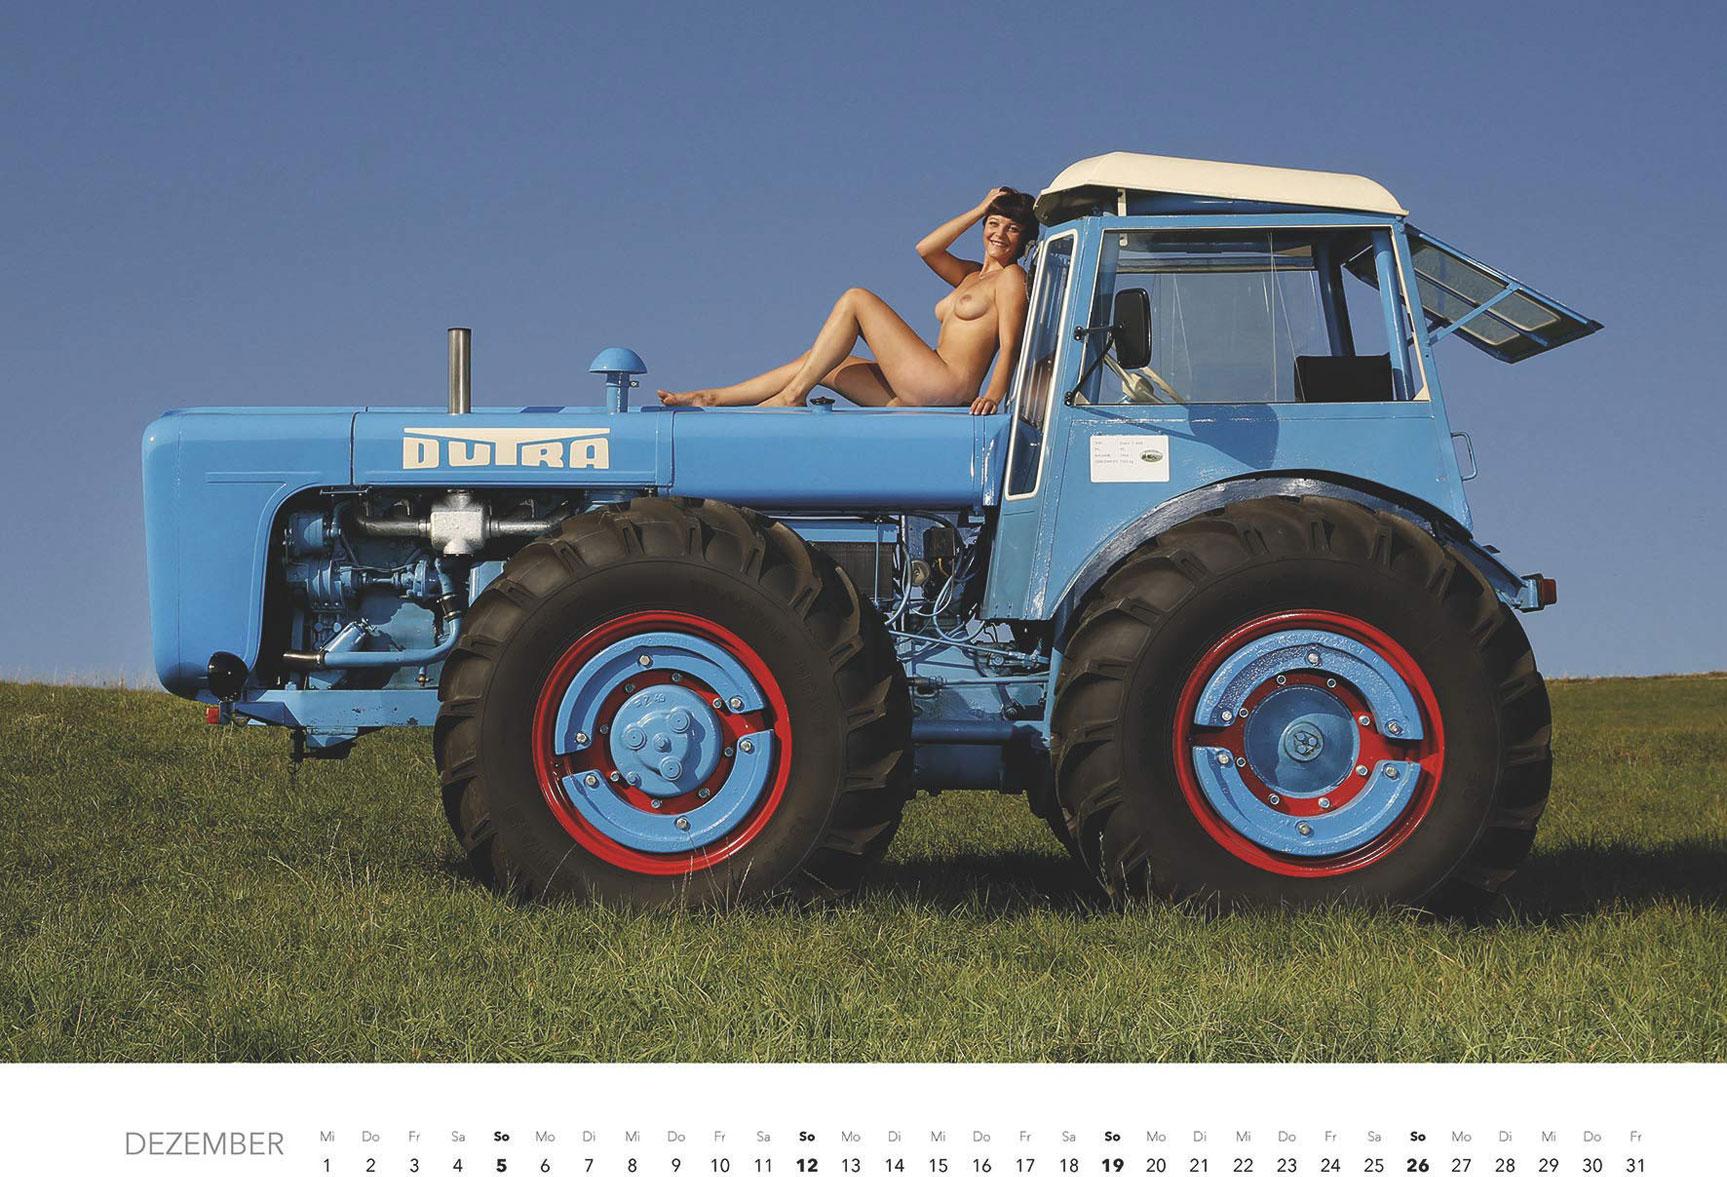 Эротический календарь -Мечты молодых фермеров 2021- / декабрь